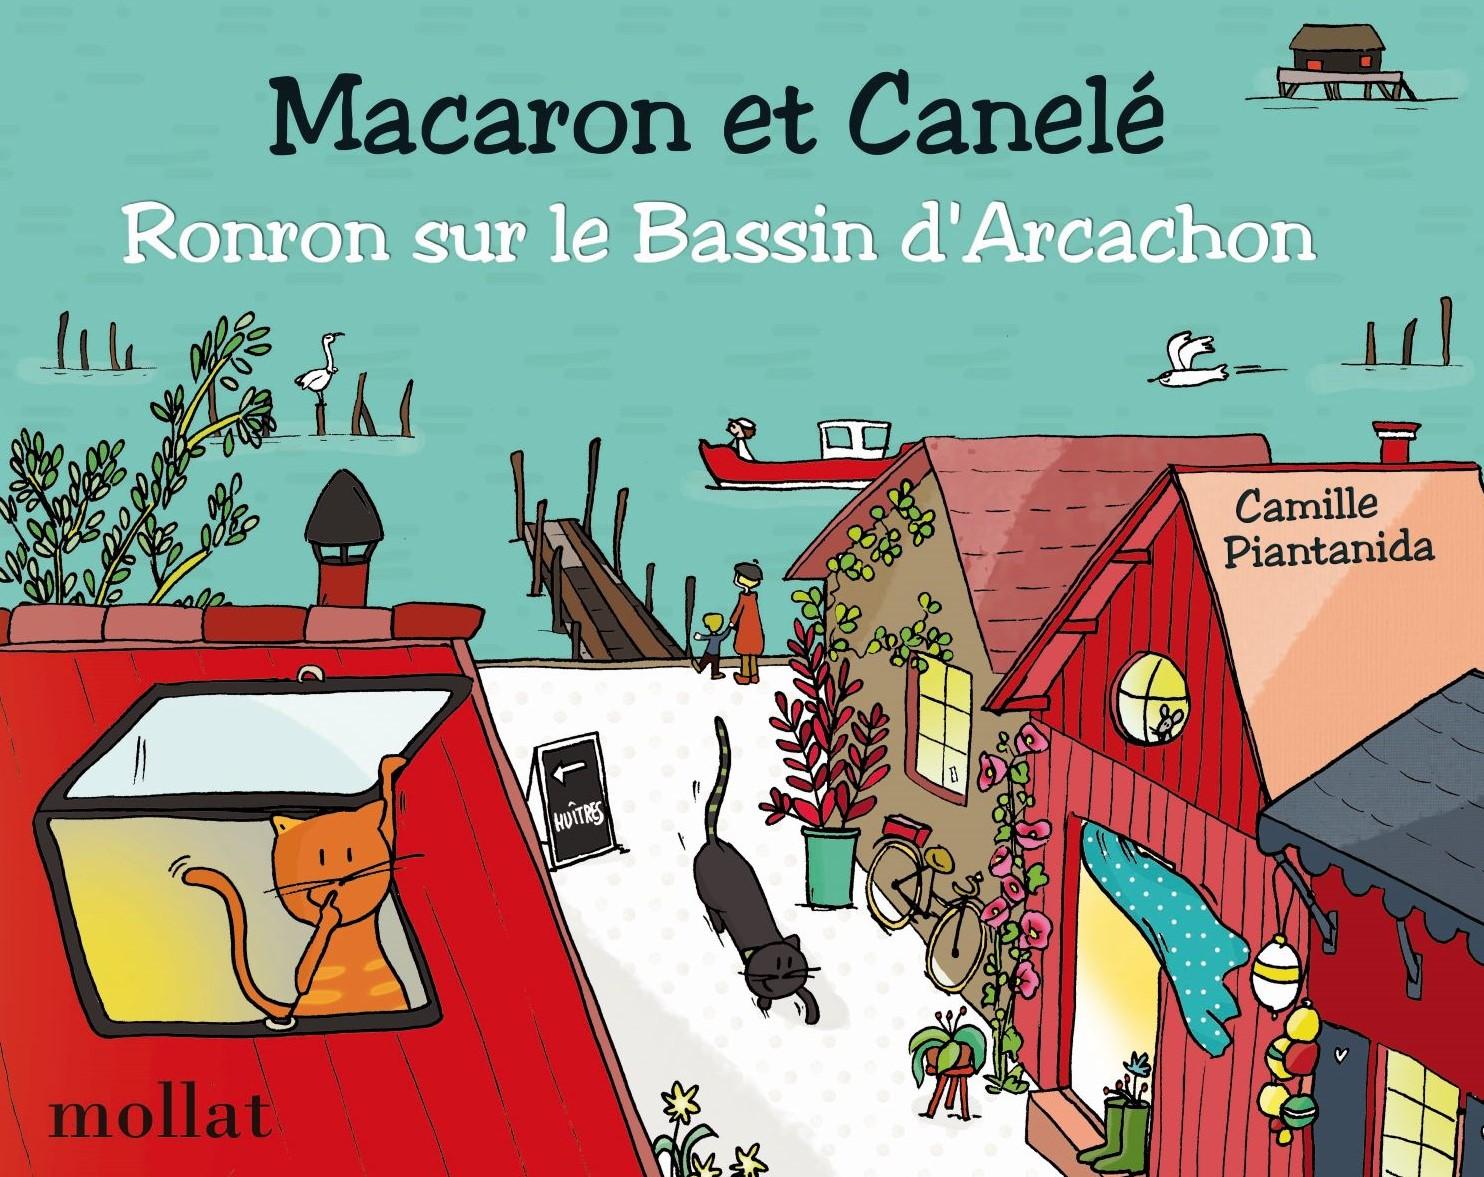 Macaron et Canelé - Ronron sur le Bassin